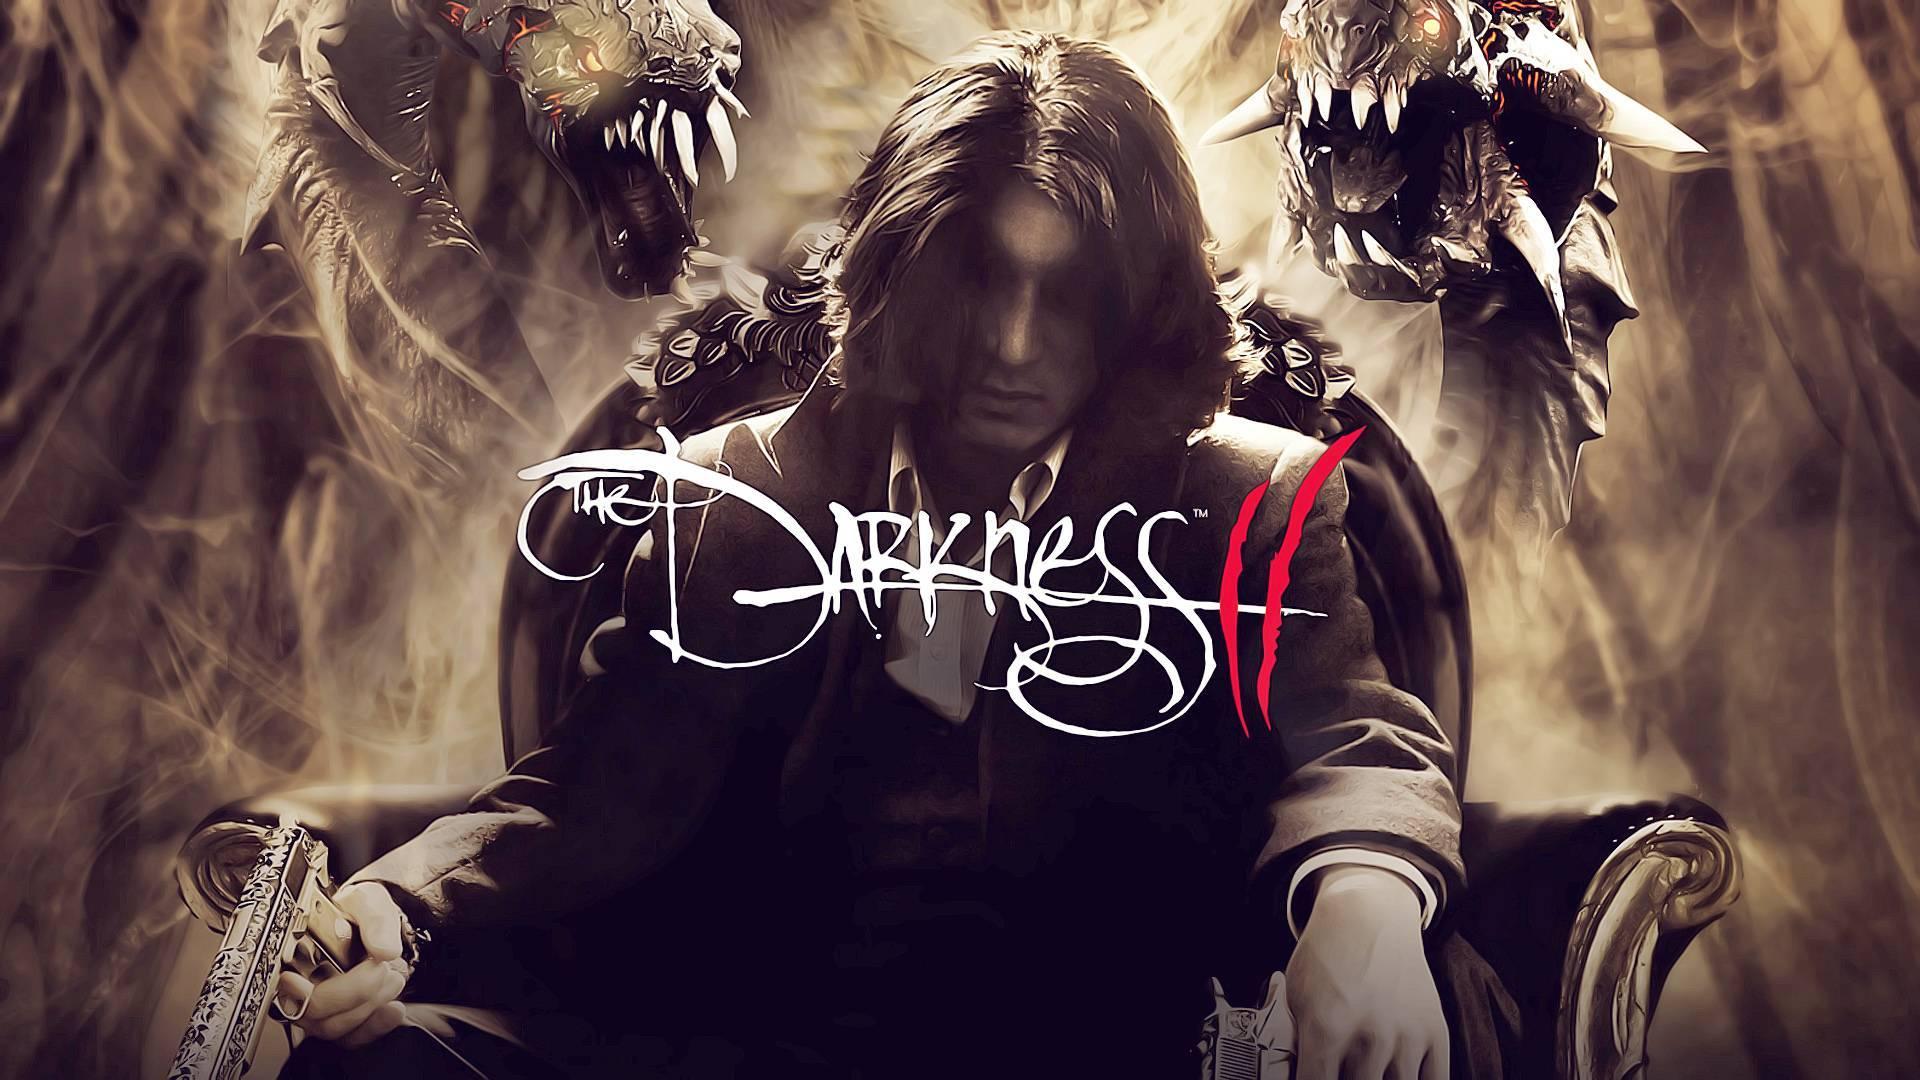 2K Games сообщила, что Digital Exteme выпустит демо-версию своего шутера The Darkness II, который выйдет в начале фе ... - Изображение 1